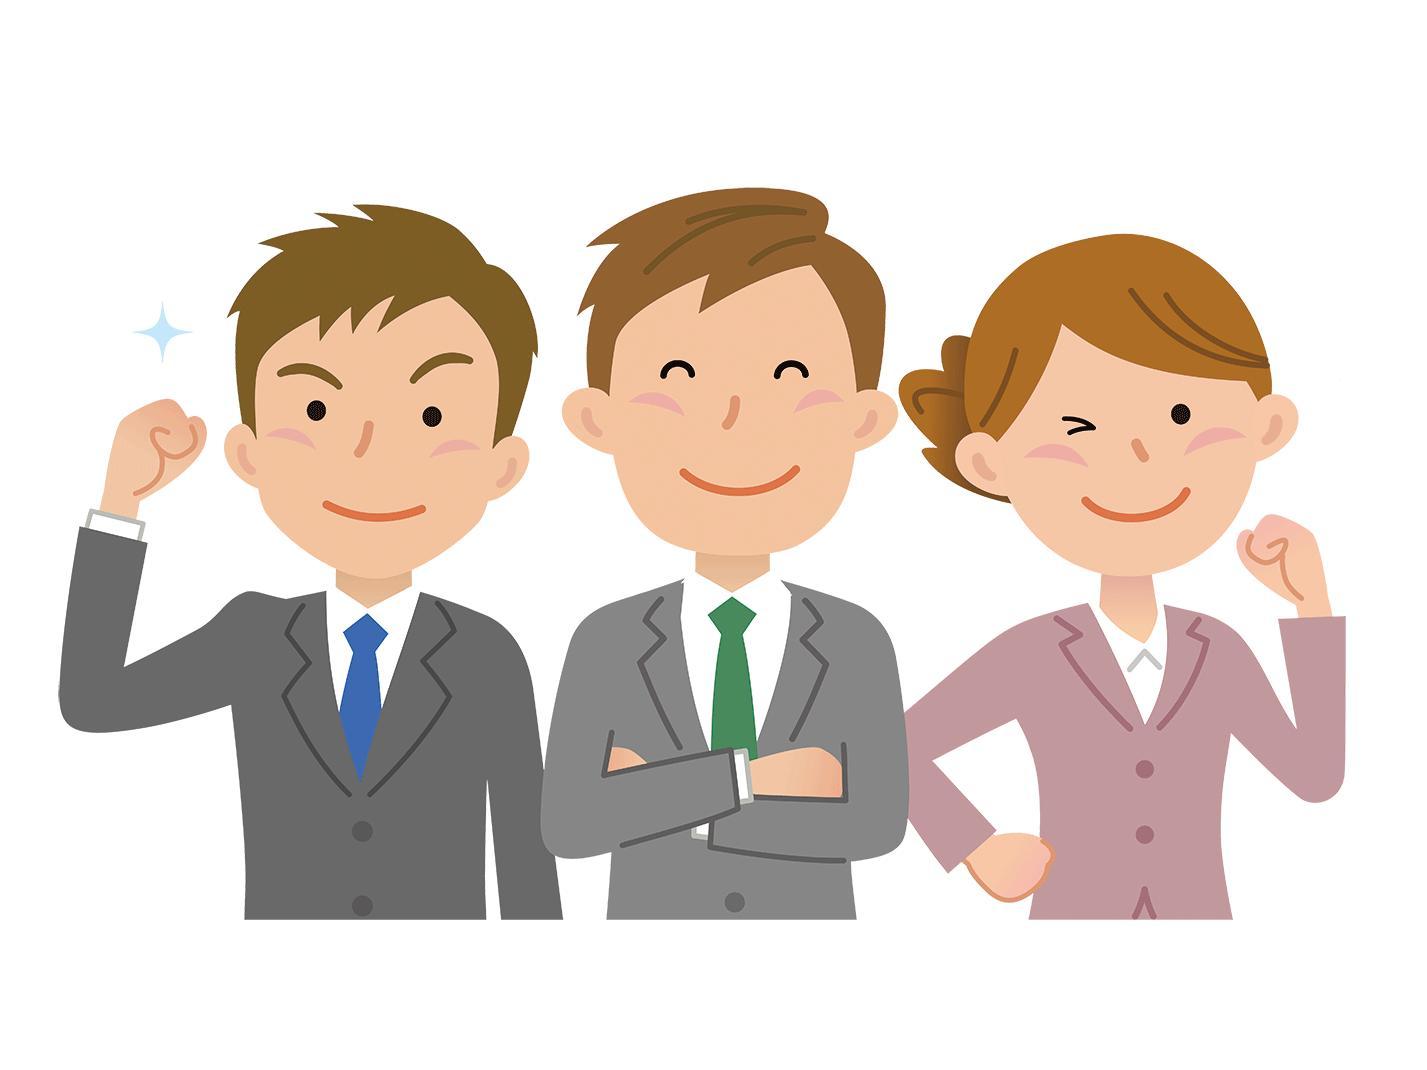 【売買仲介】高槻で働くなら大伸☆設立35年の地域密着な会社です♪